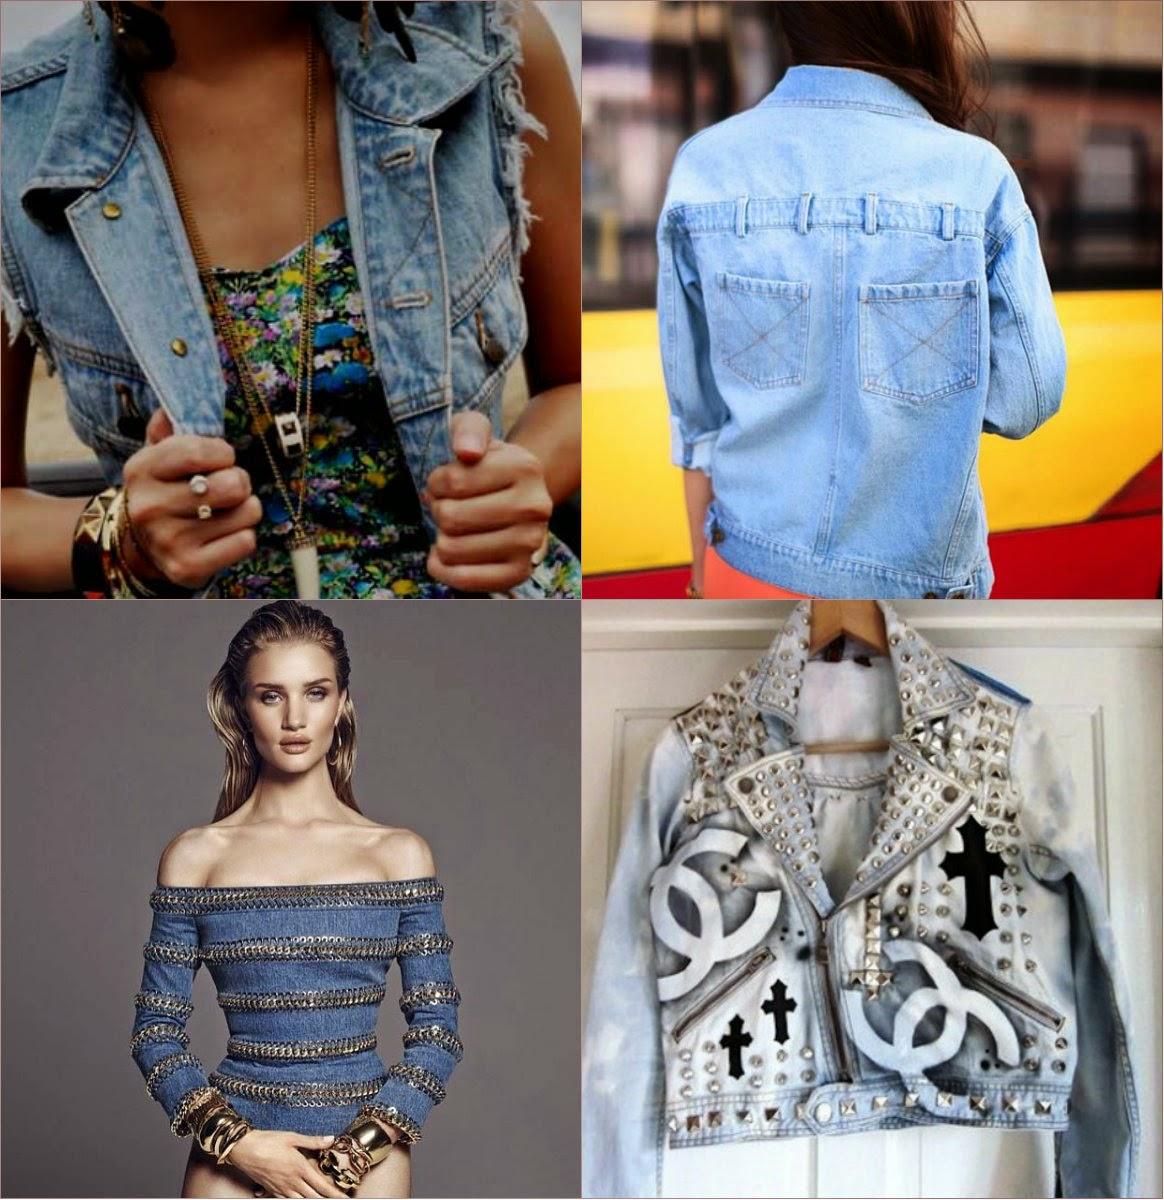 Джинс джинсовая одежда beautybyallize